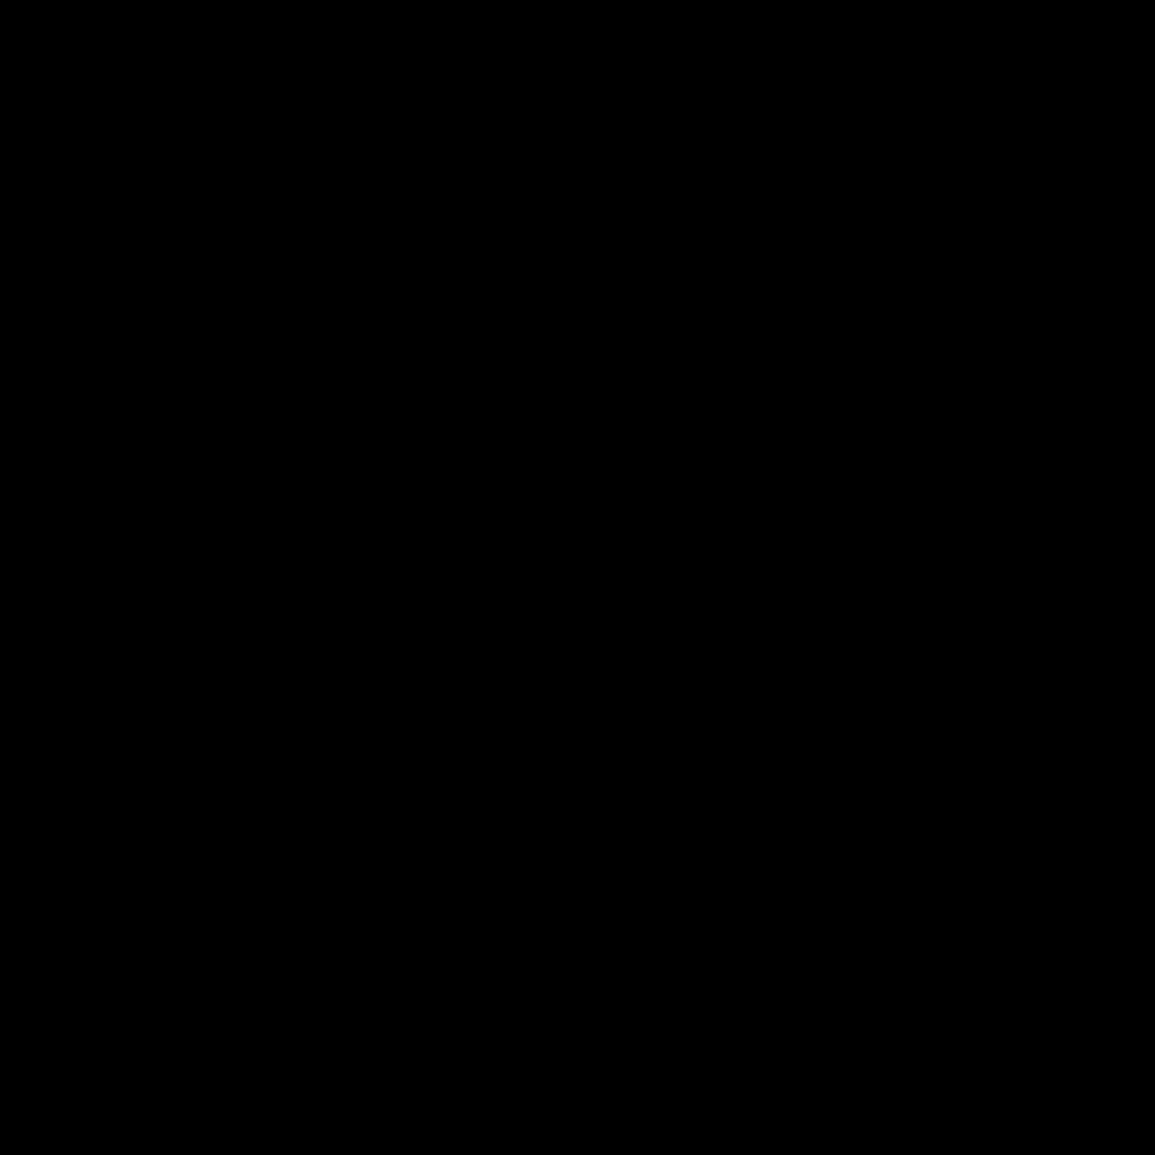 アンチック(大見出し) KE-A 字形見本